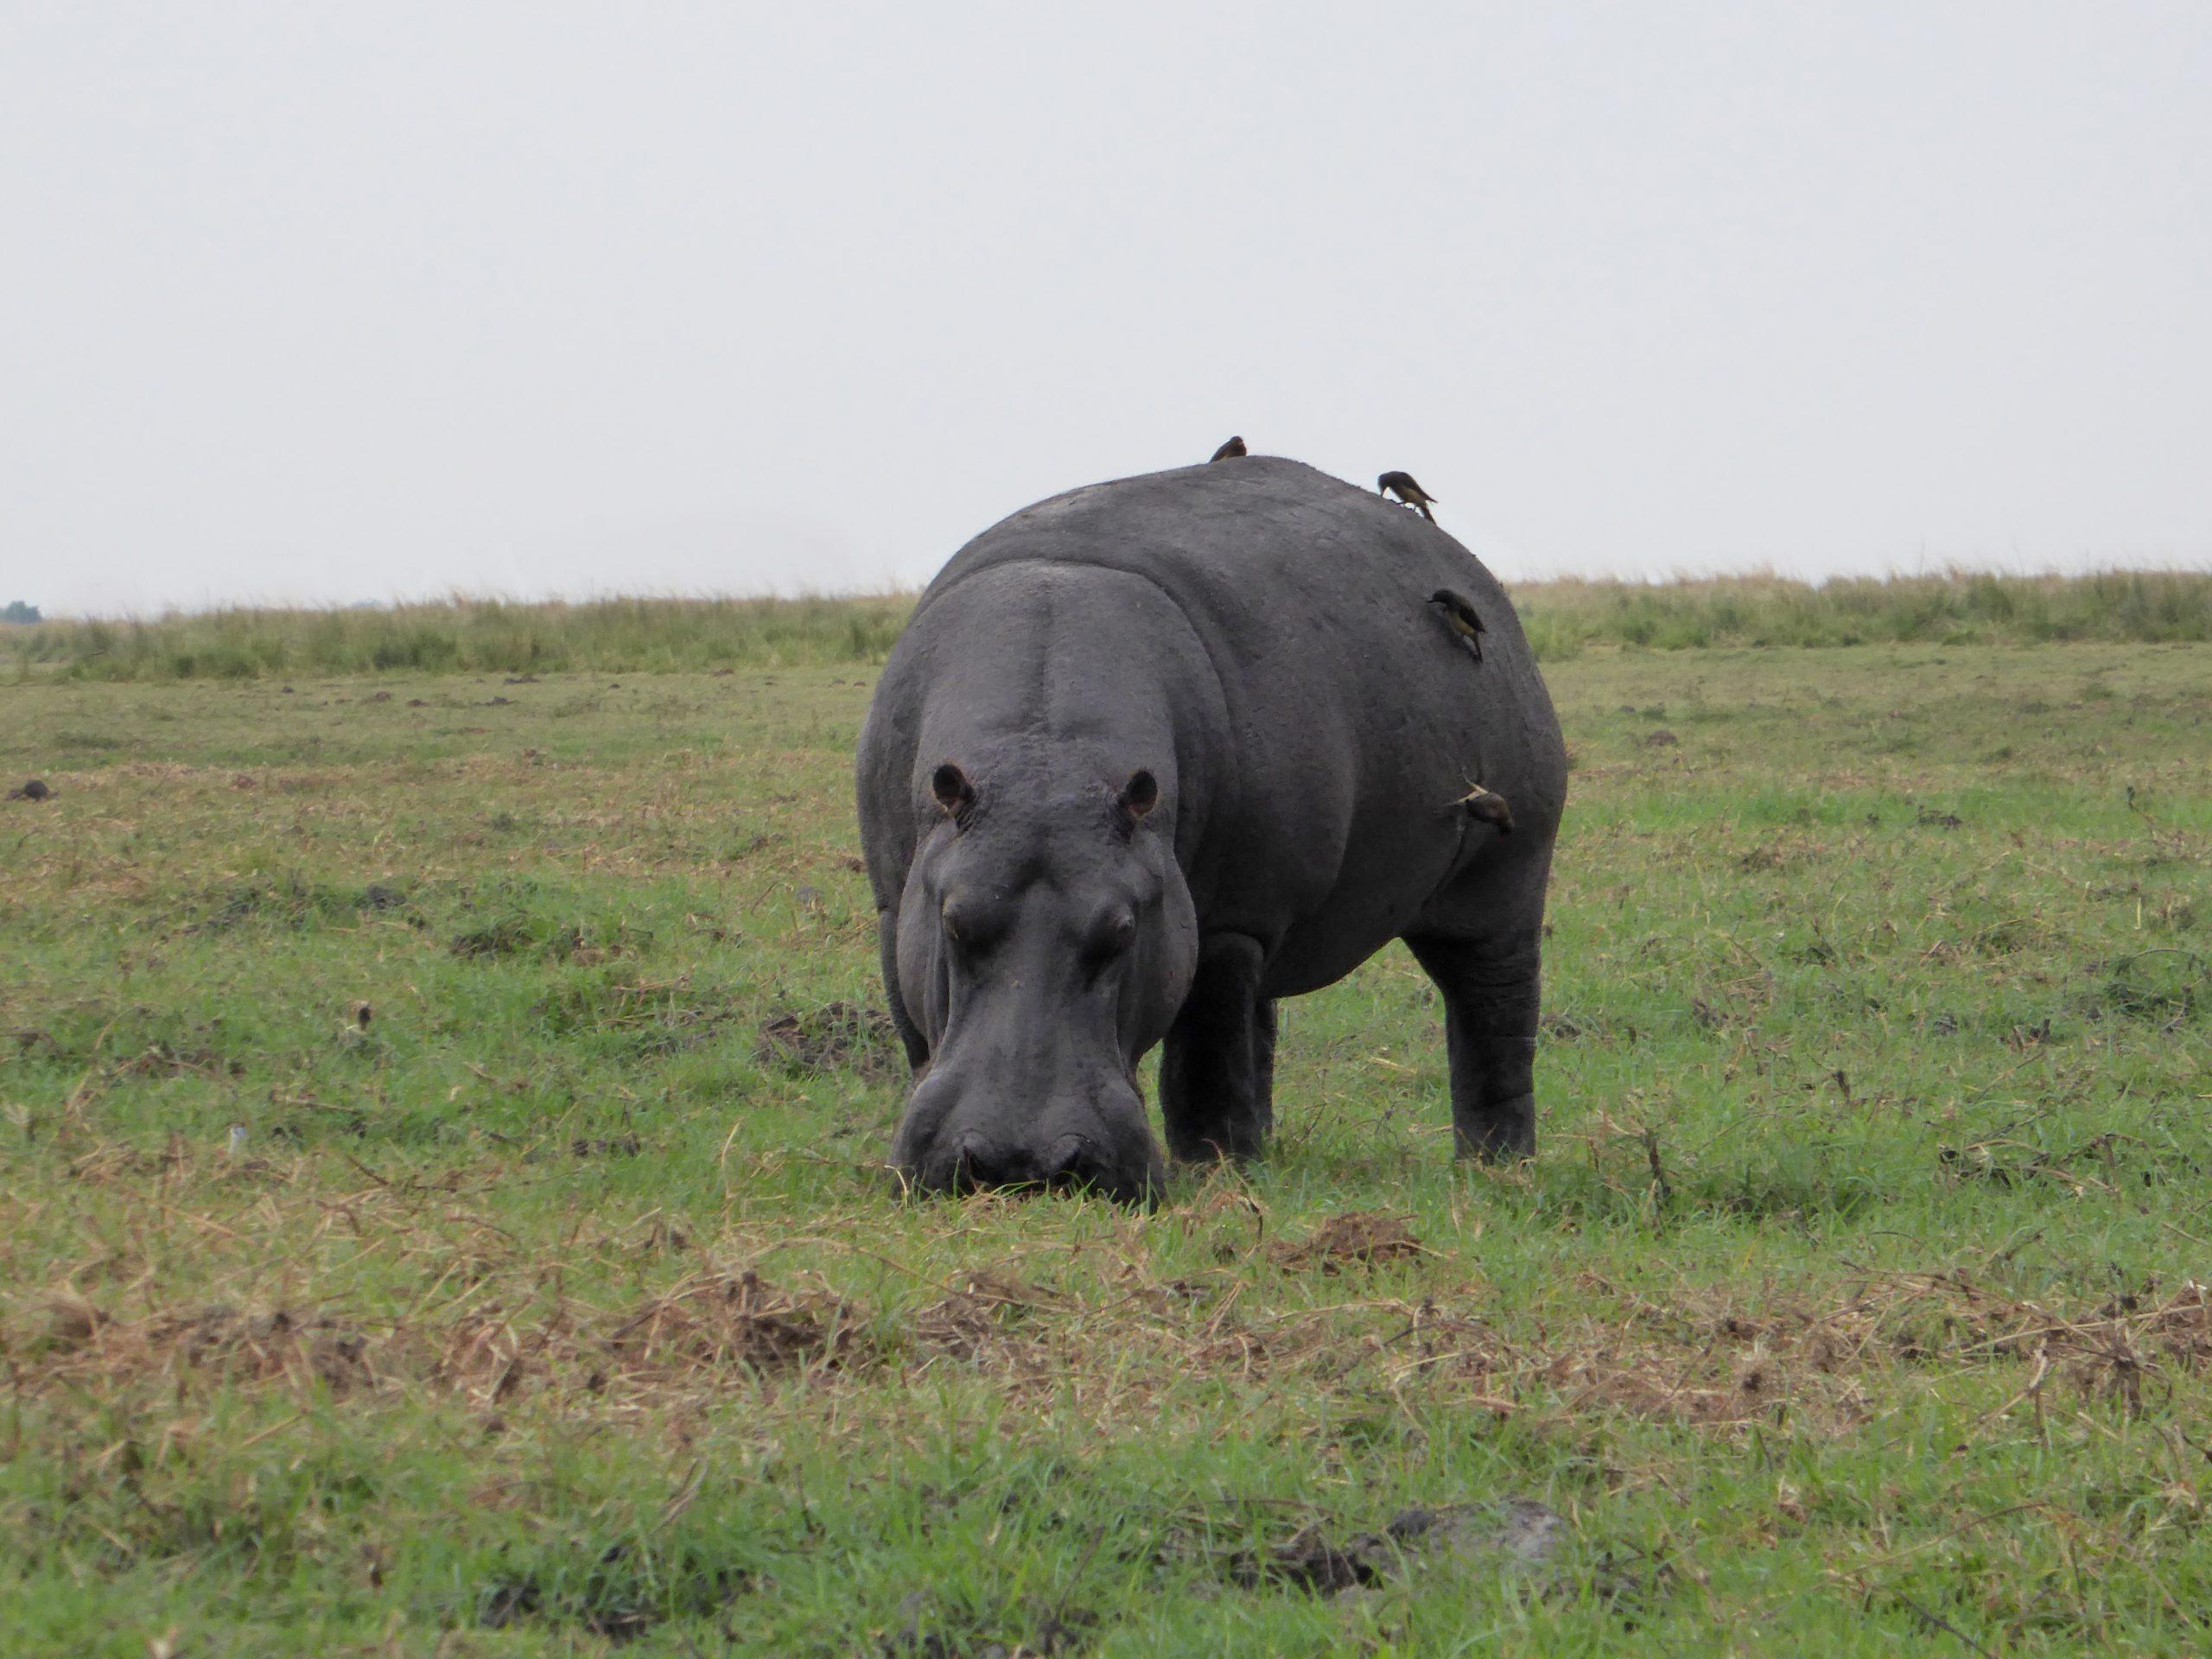 Radreise Afrika 2014 - Chobe NP - Nilpferd